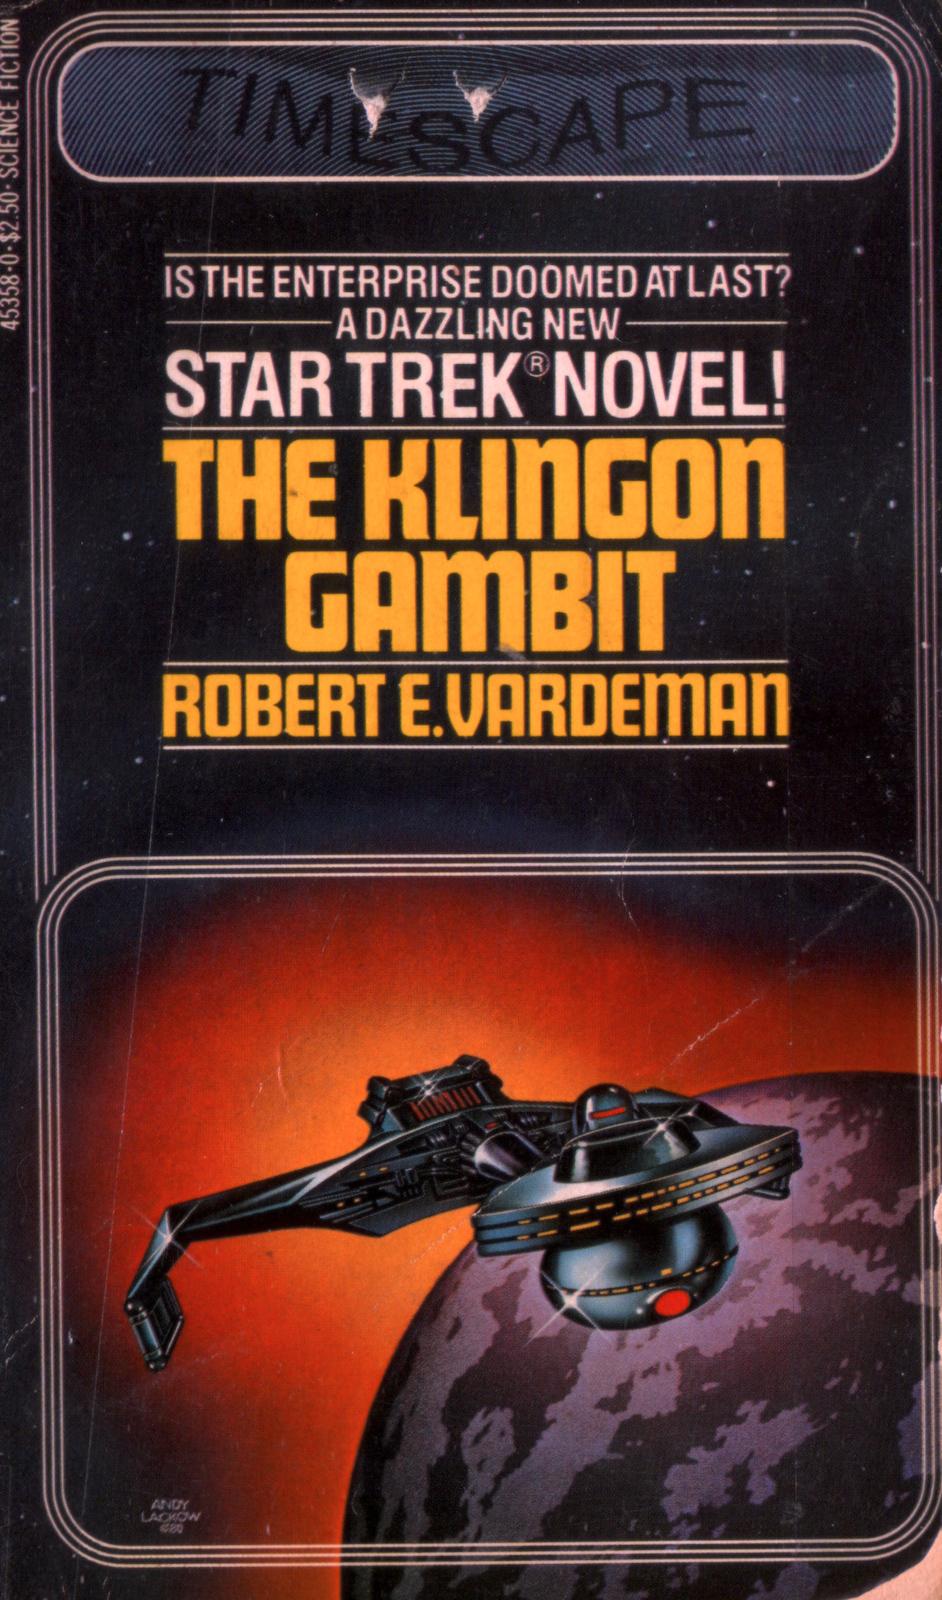 File:KlingonGambit.jpg